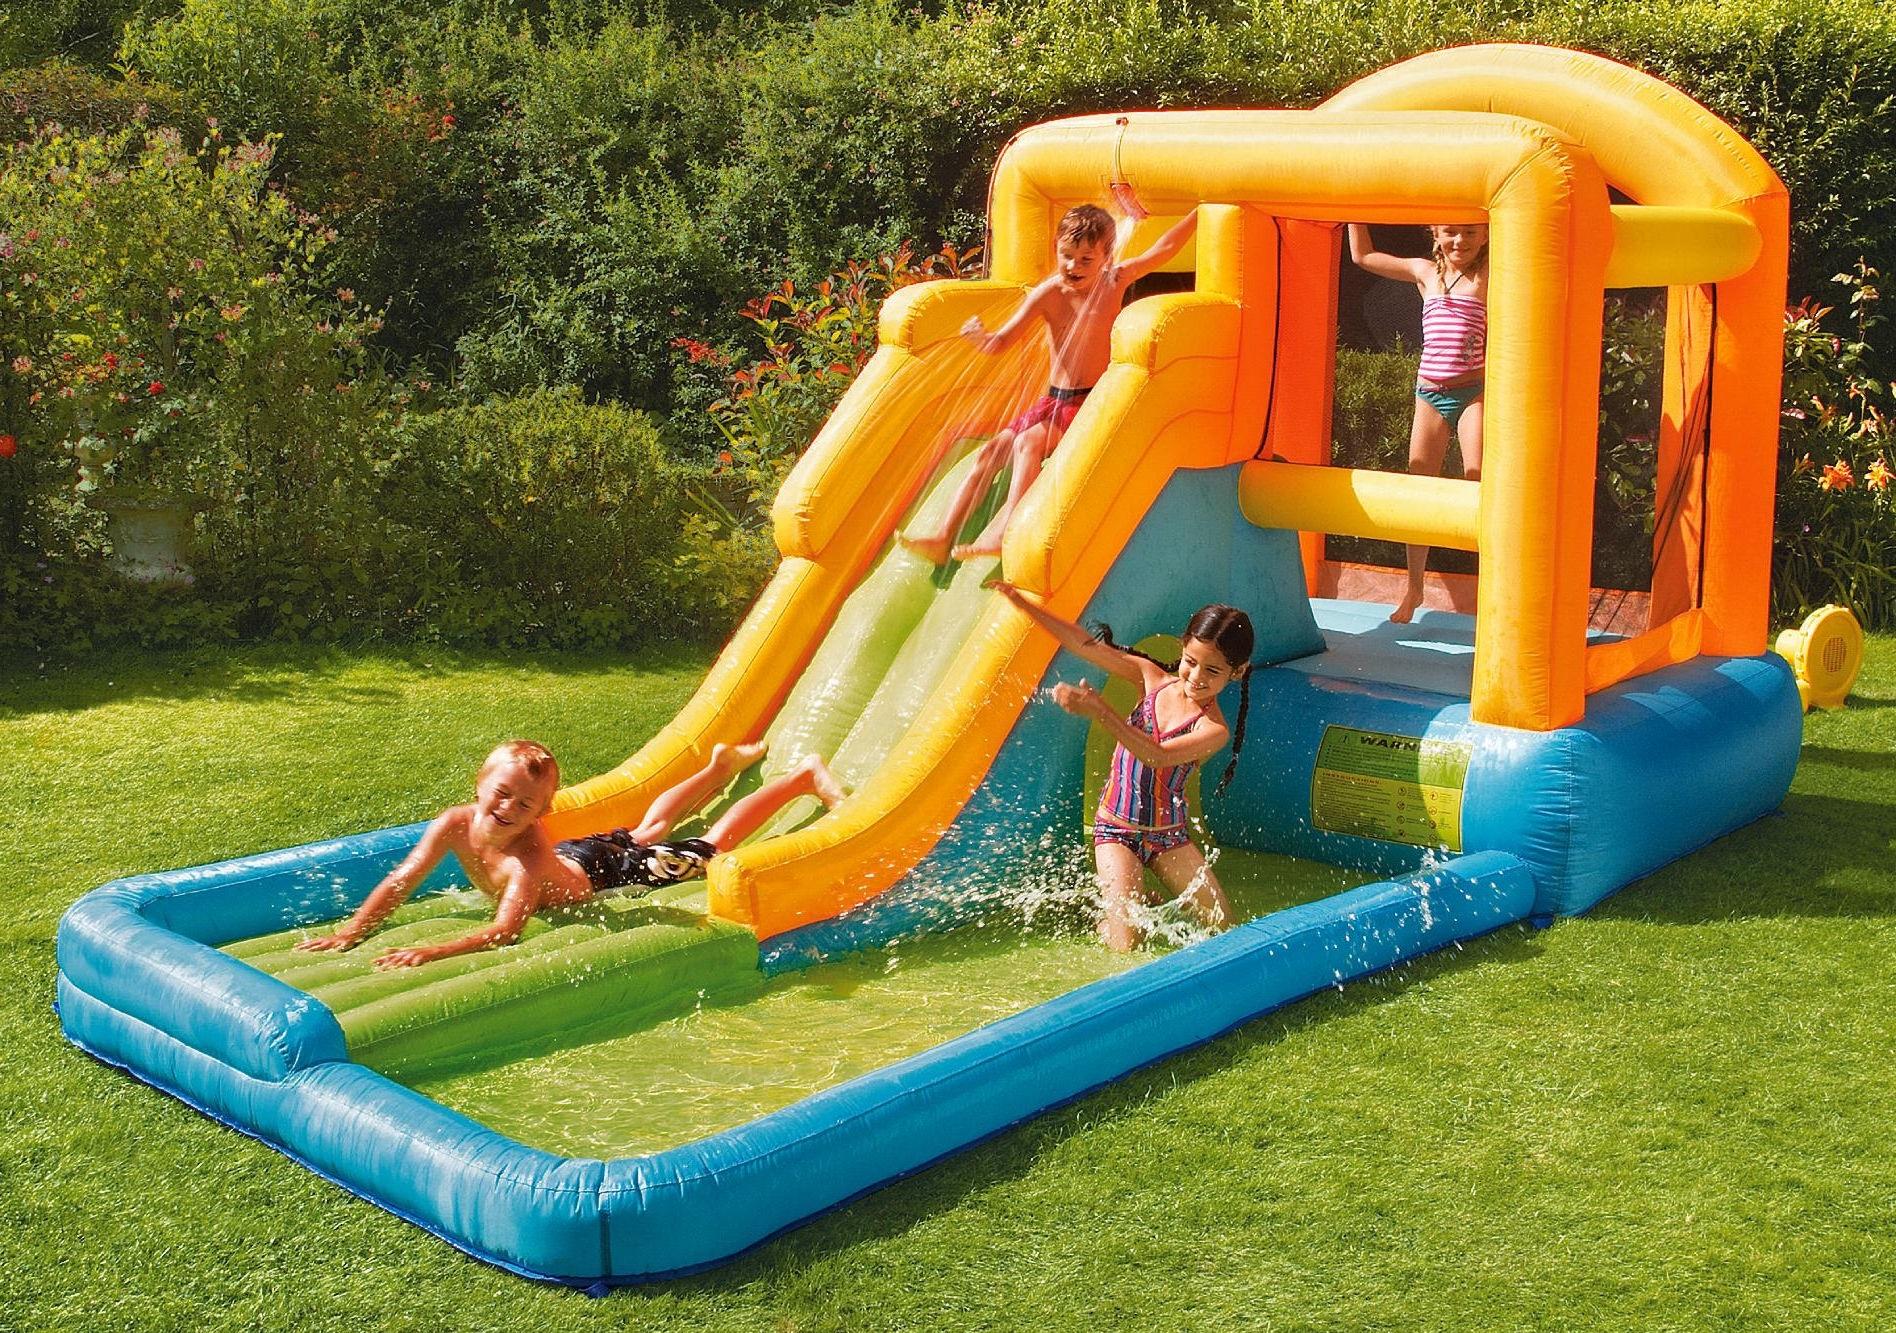 New tesco giant airflow water slide bouncy castle pool for Garden pool tesco